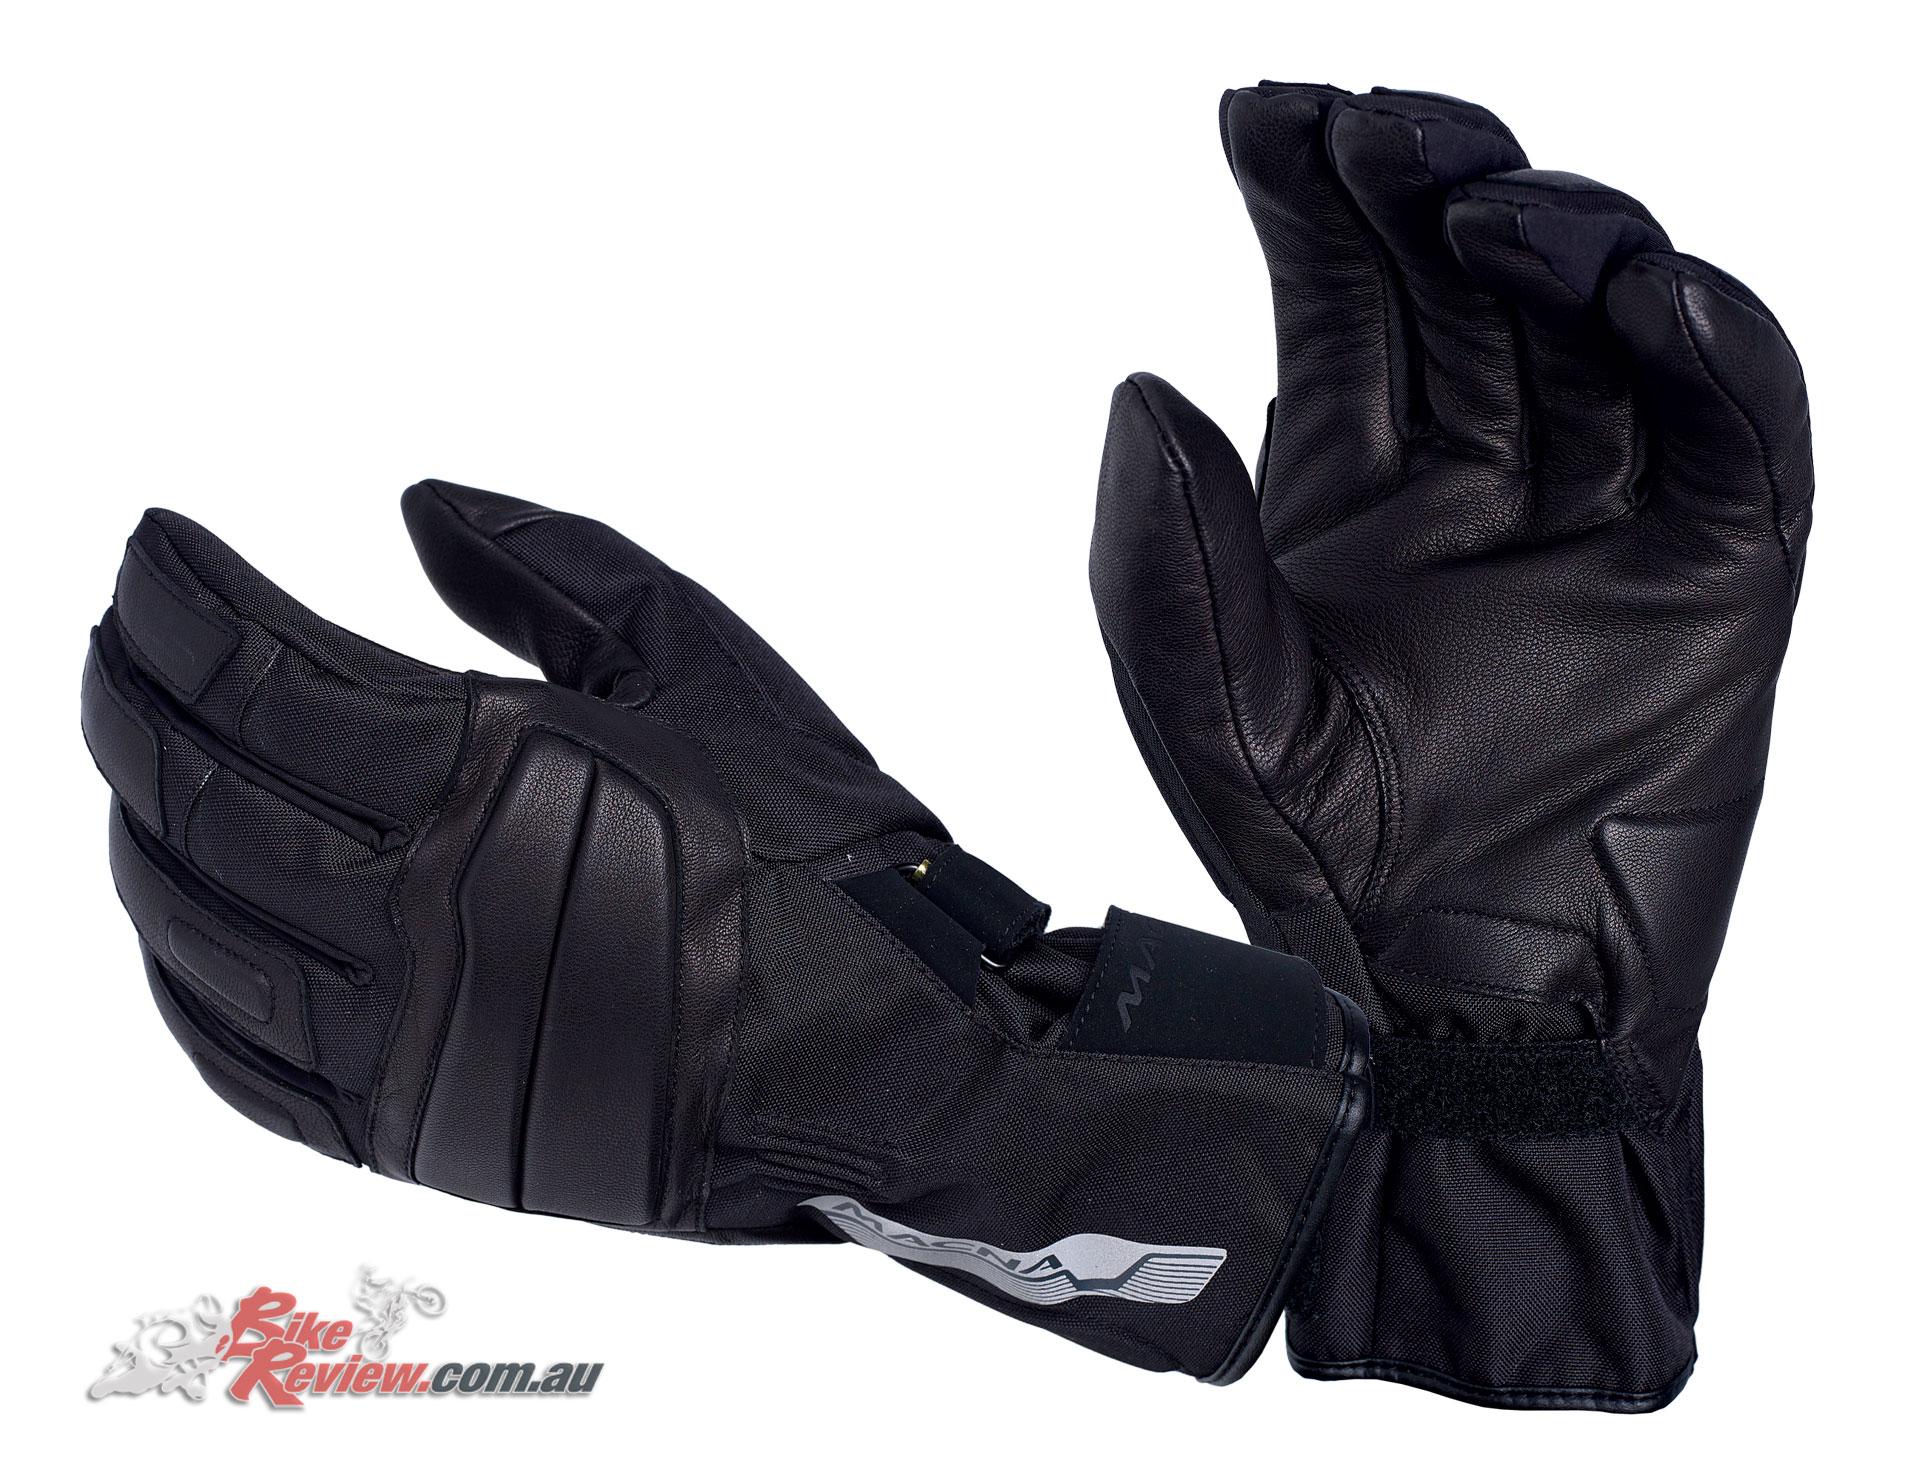 Macna Tundra 2 Gloves - $99.95 RRP